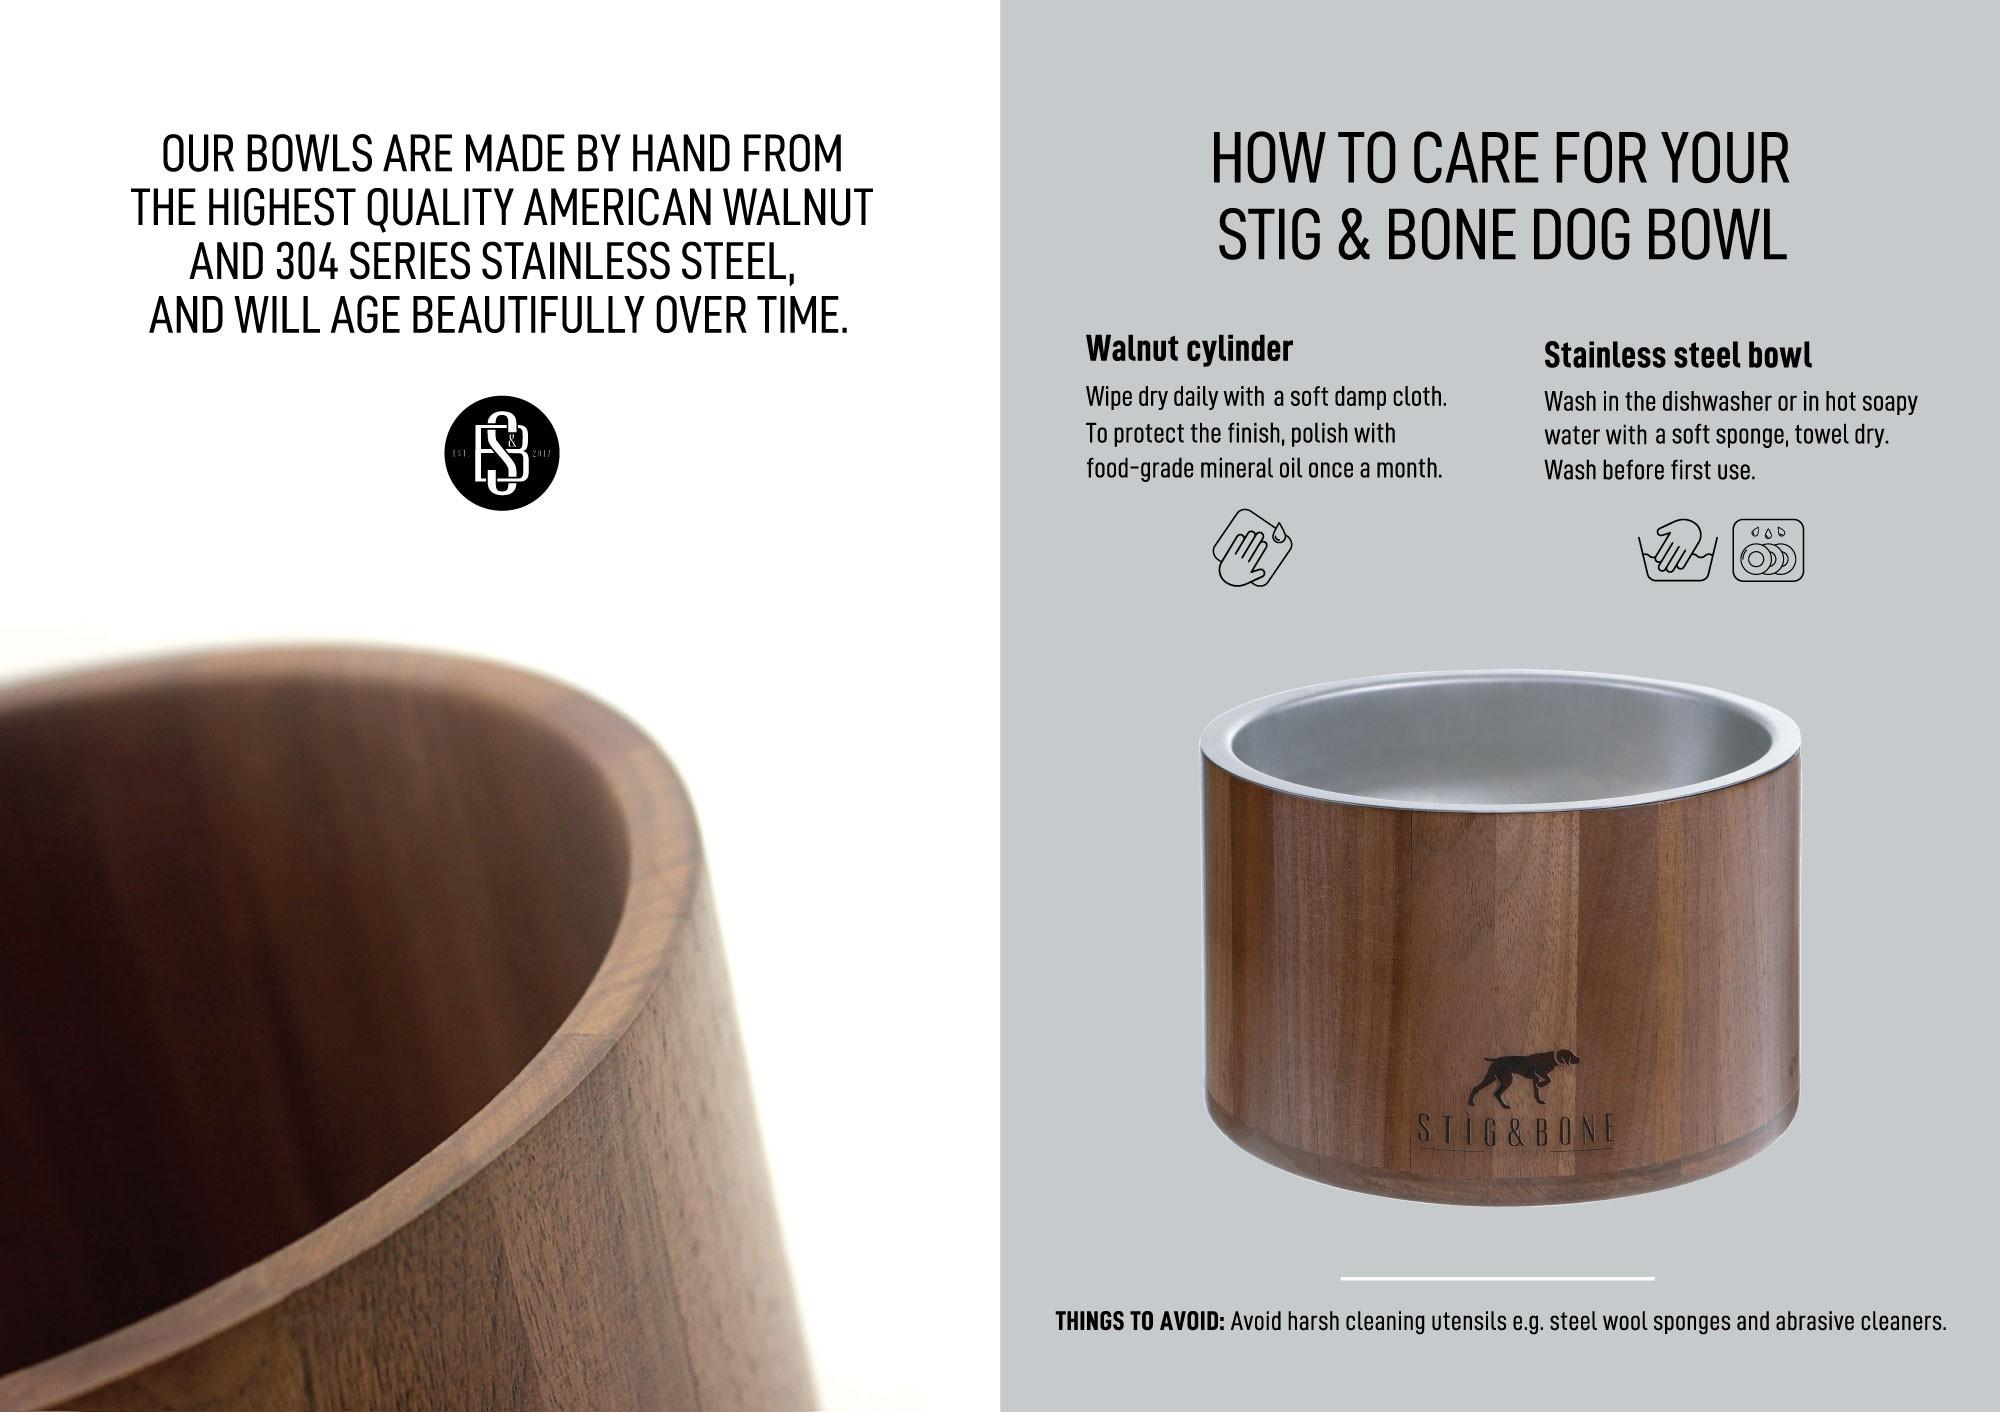 Packaging design for Dog bowl